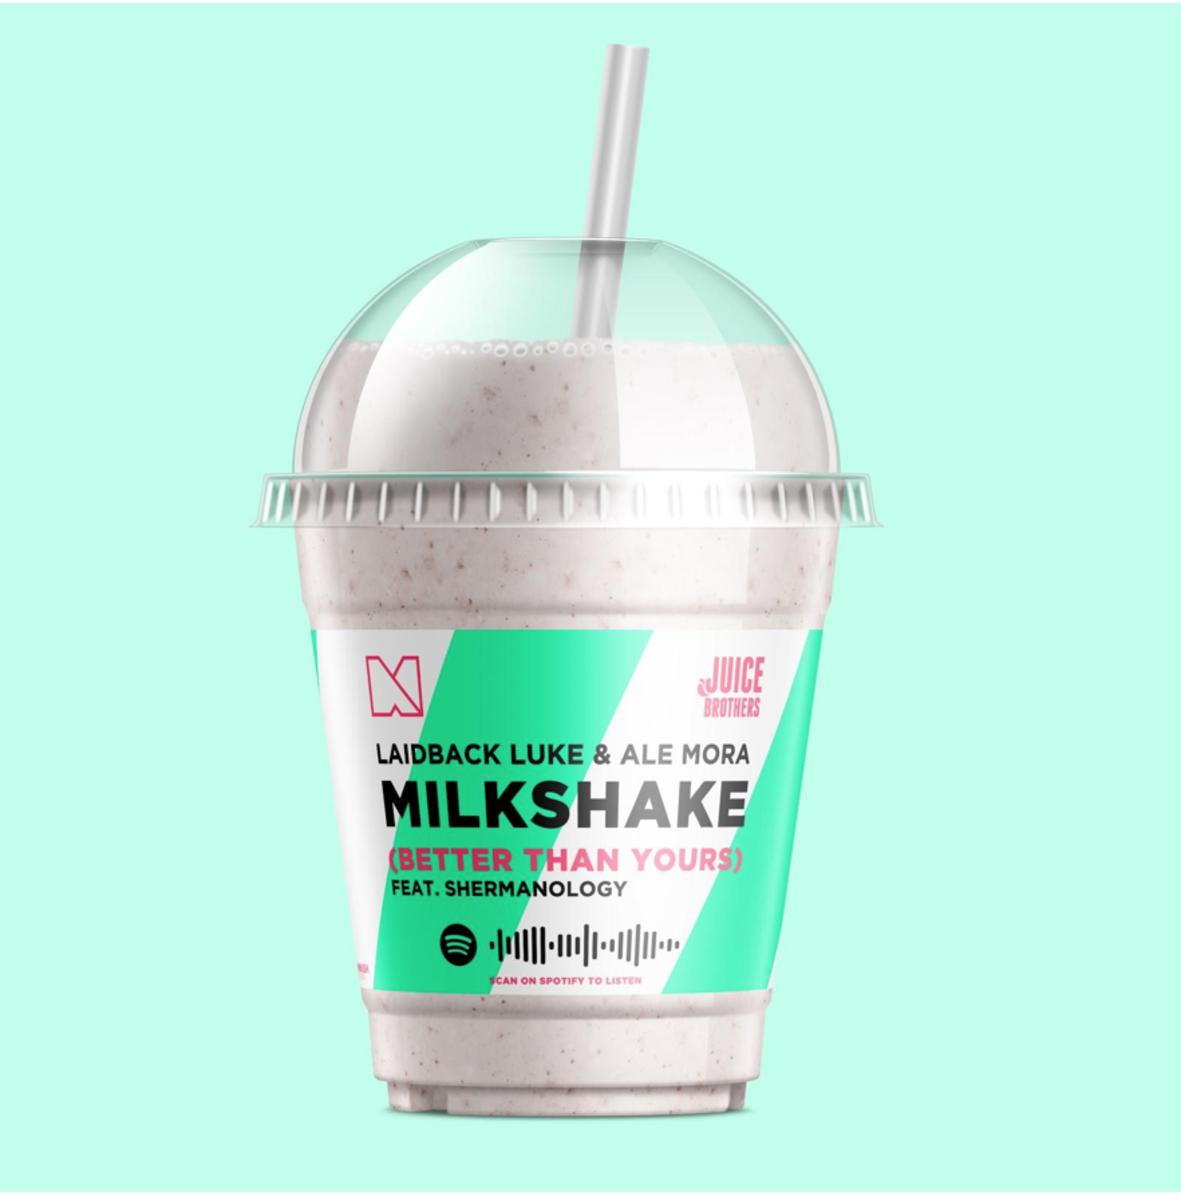 juicebrothers laidback luke milkshake